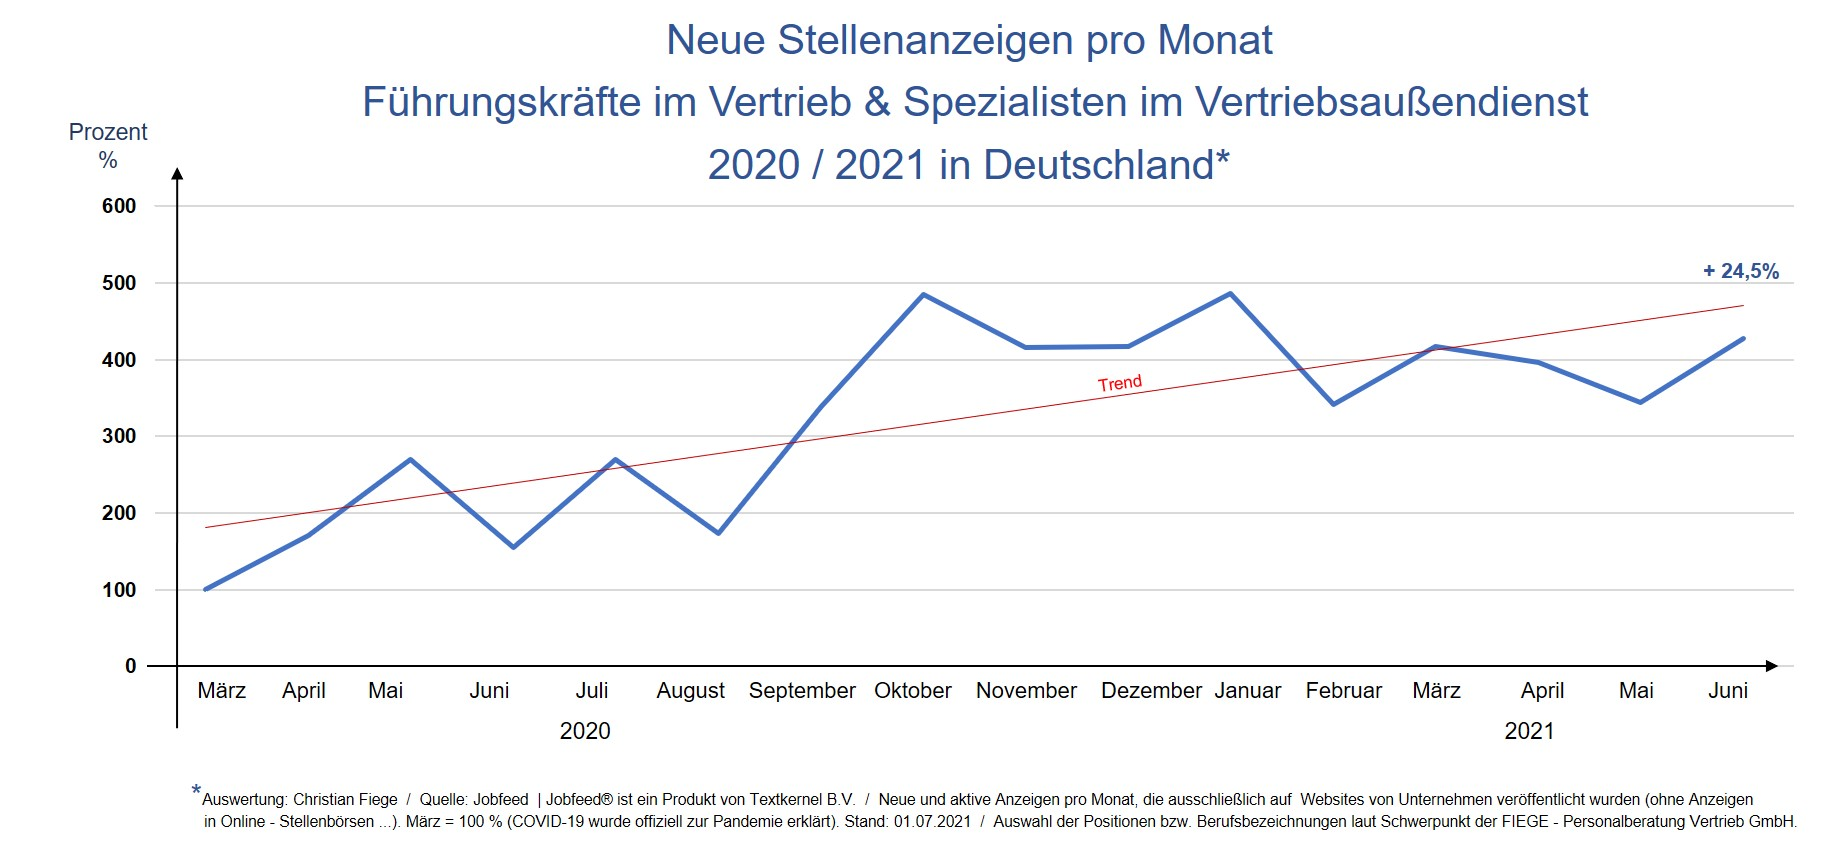 Im Juni 2021 wurden knapp ein Viertel mehr Stellenanzeigen für Positionen im Vertrieb veröffentlicht als im Vormonat.